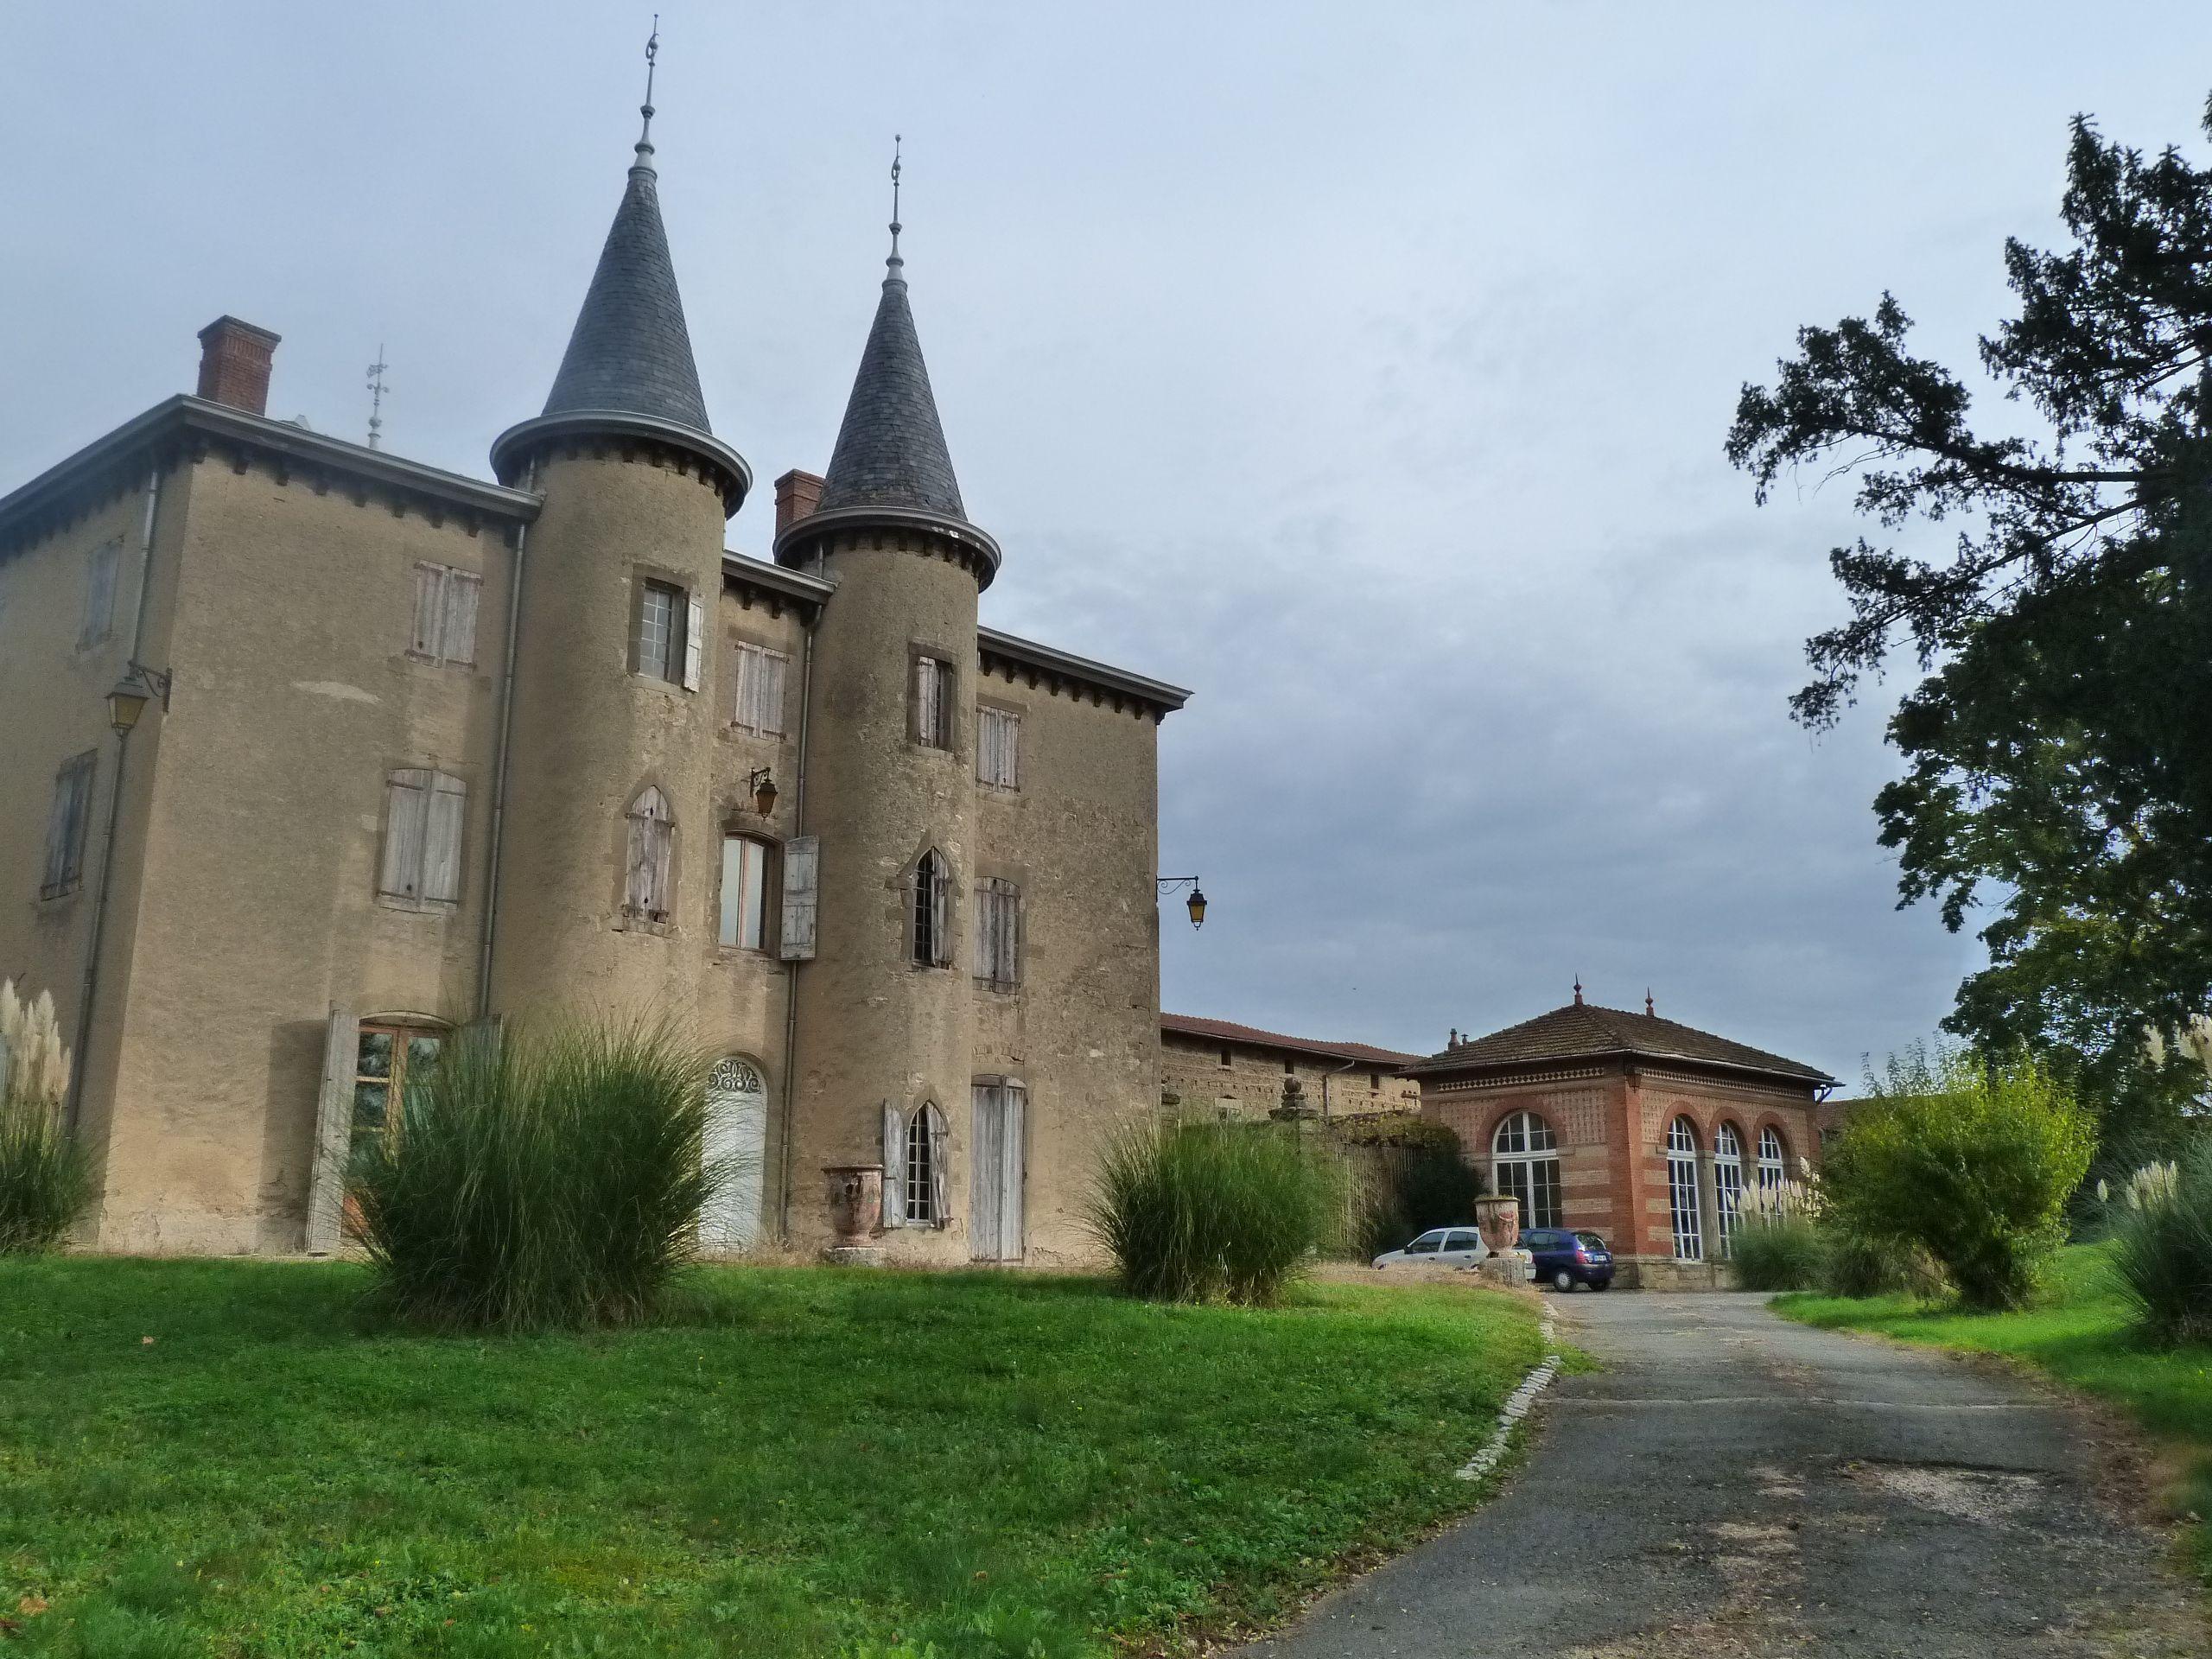 Iles Lavezzi France Places & Spaces Pinterest